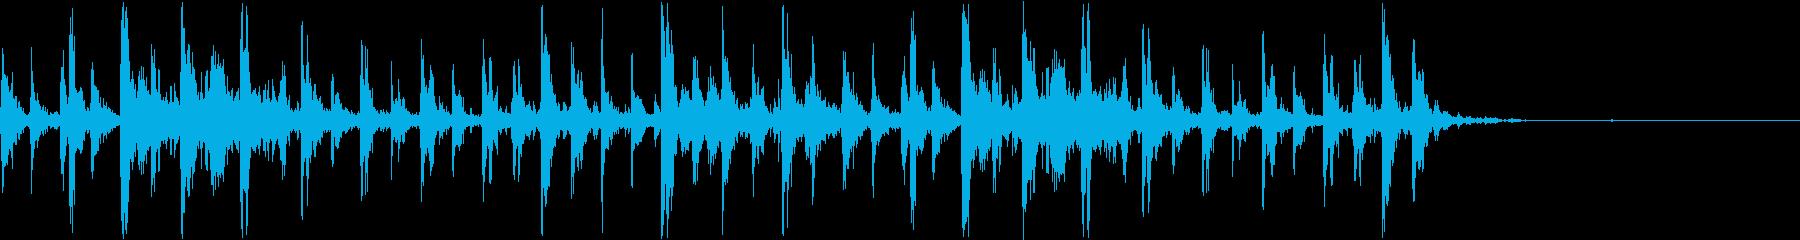 シャンシャンシャン クリスマスの鈴2の再生済みの波形